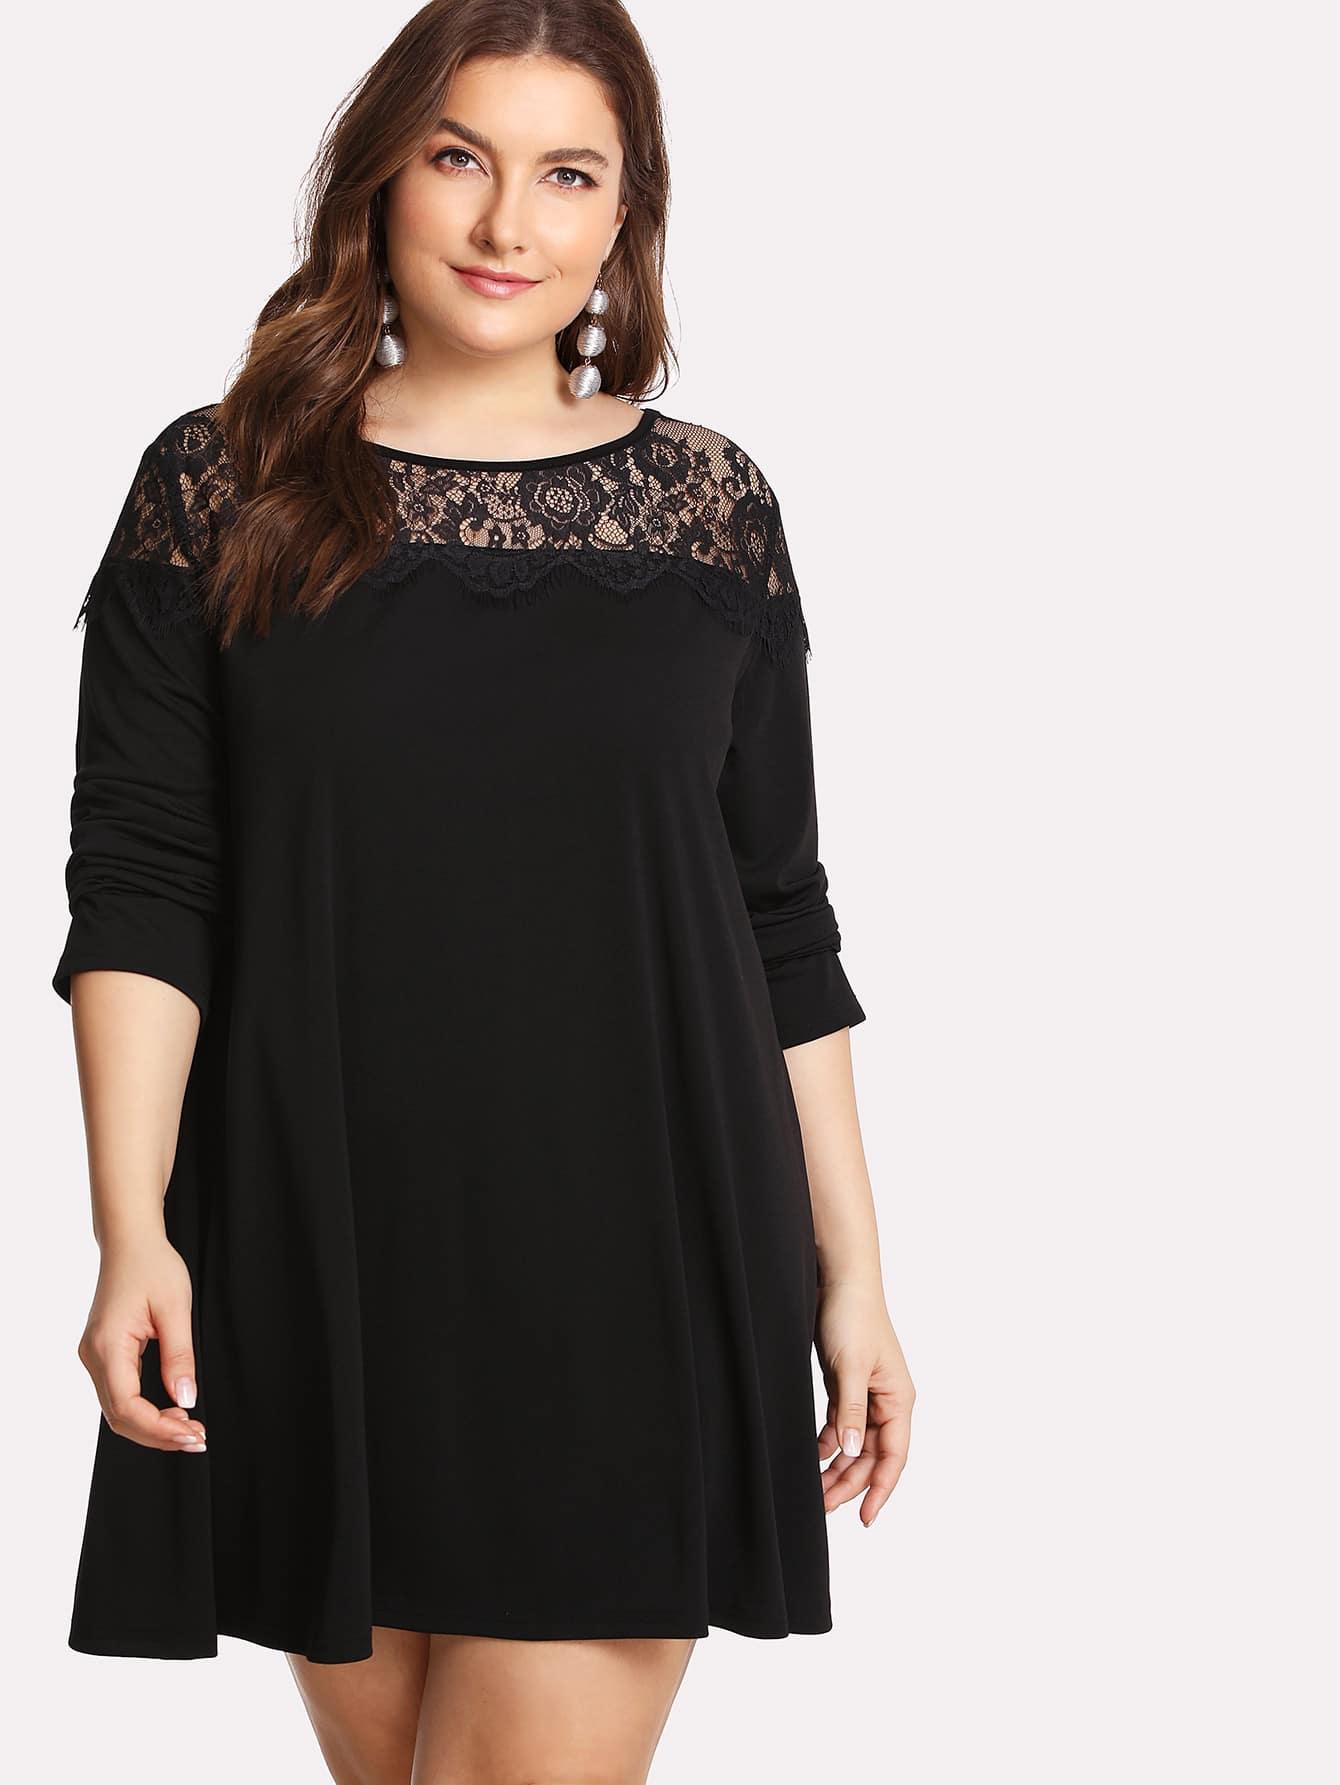 Floral Lace Insert Swing Dress lace velvet swing dress